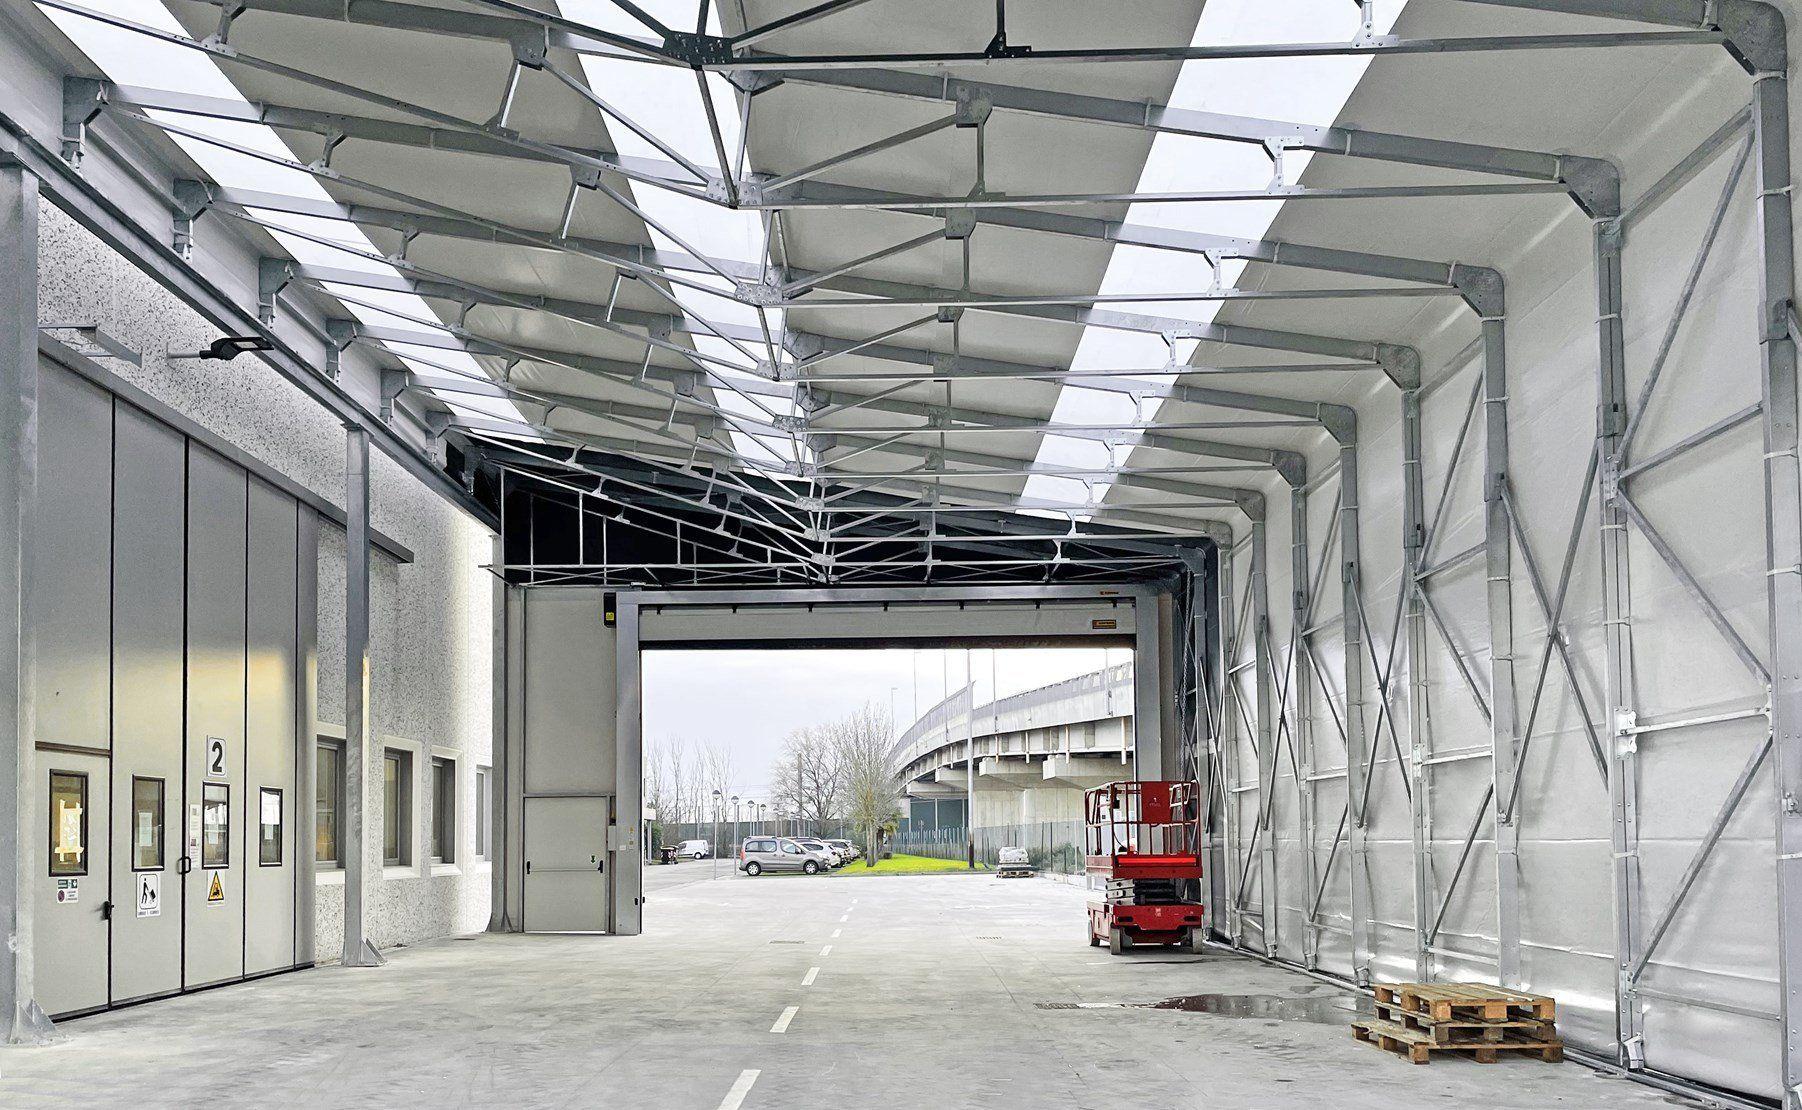 Capannoni prefabbricati in ferro Kopron per il nuovo magazzino di SIBO